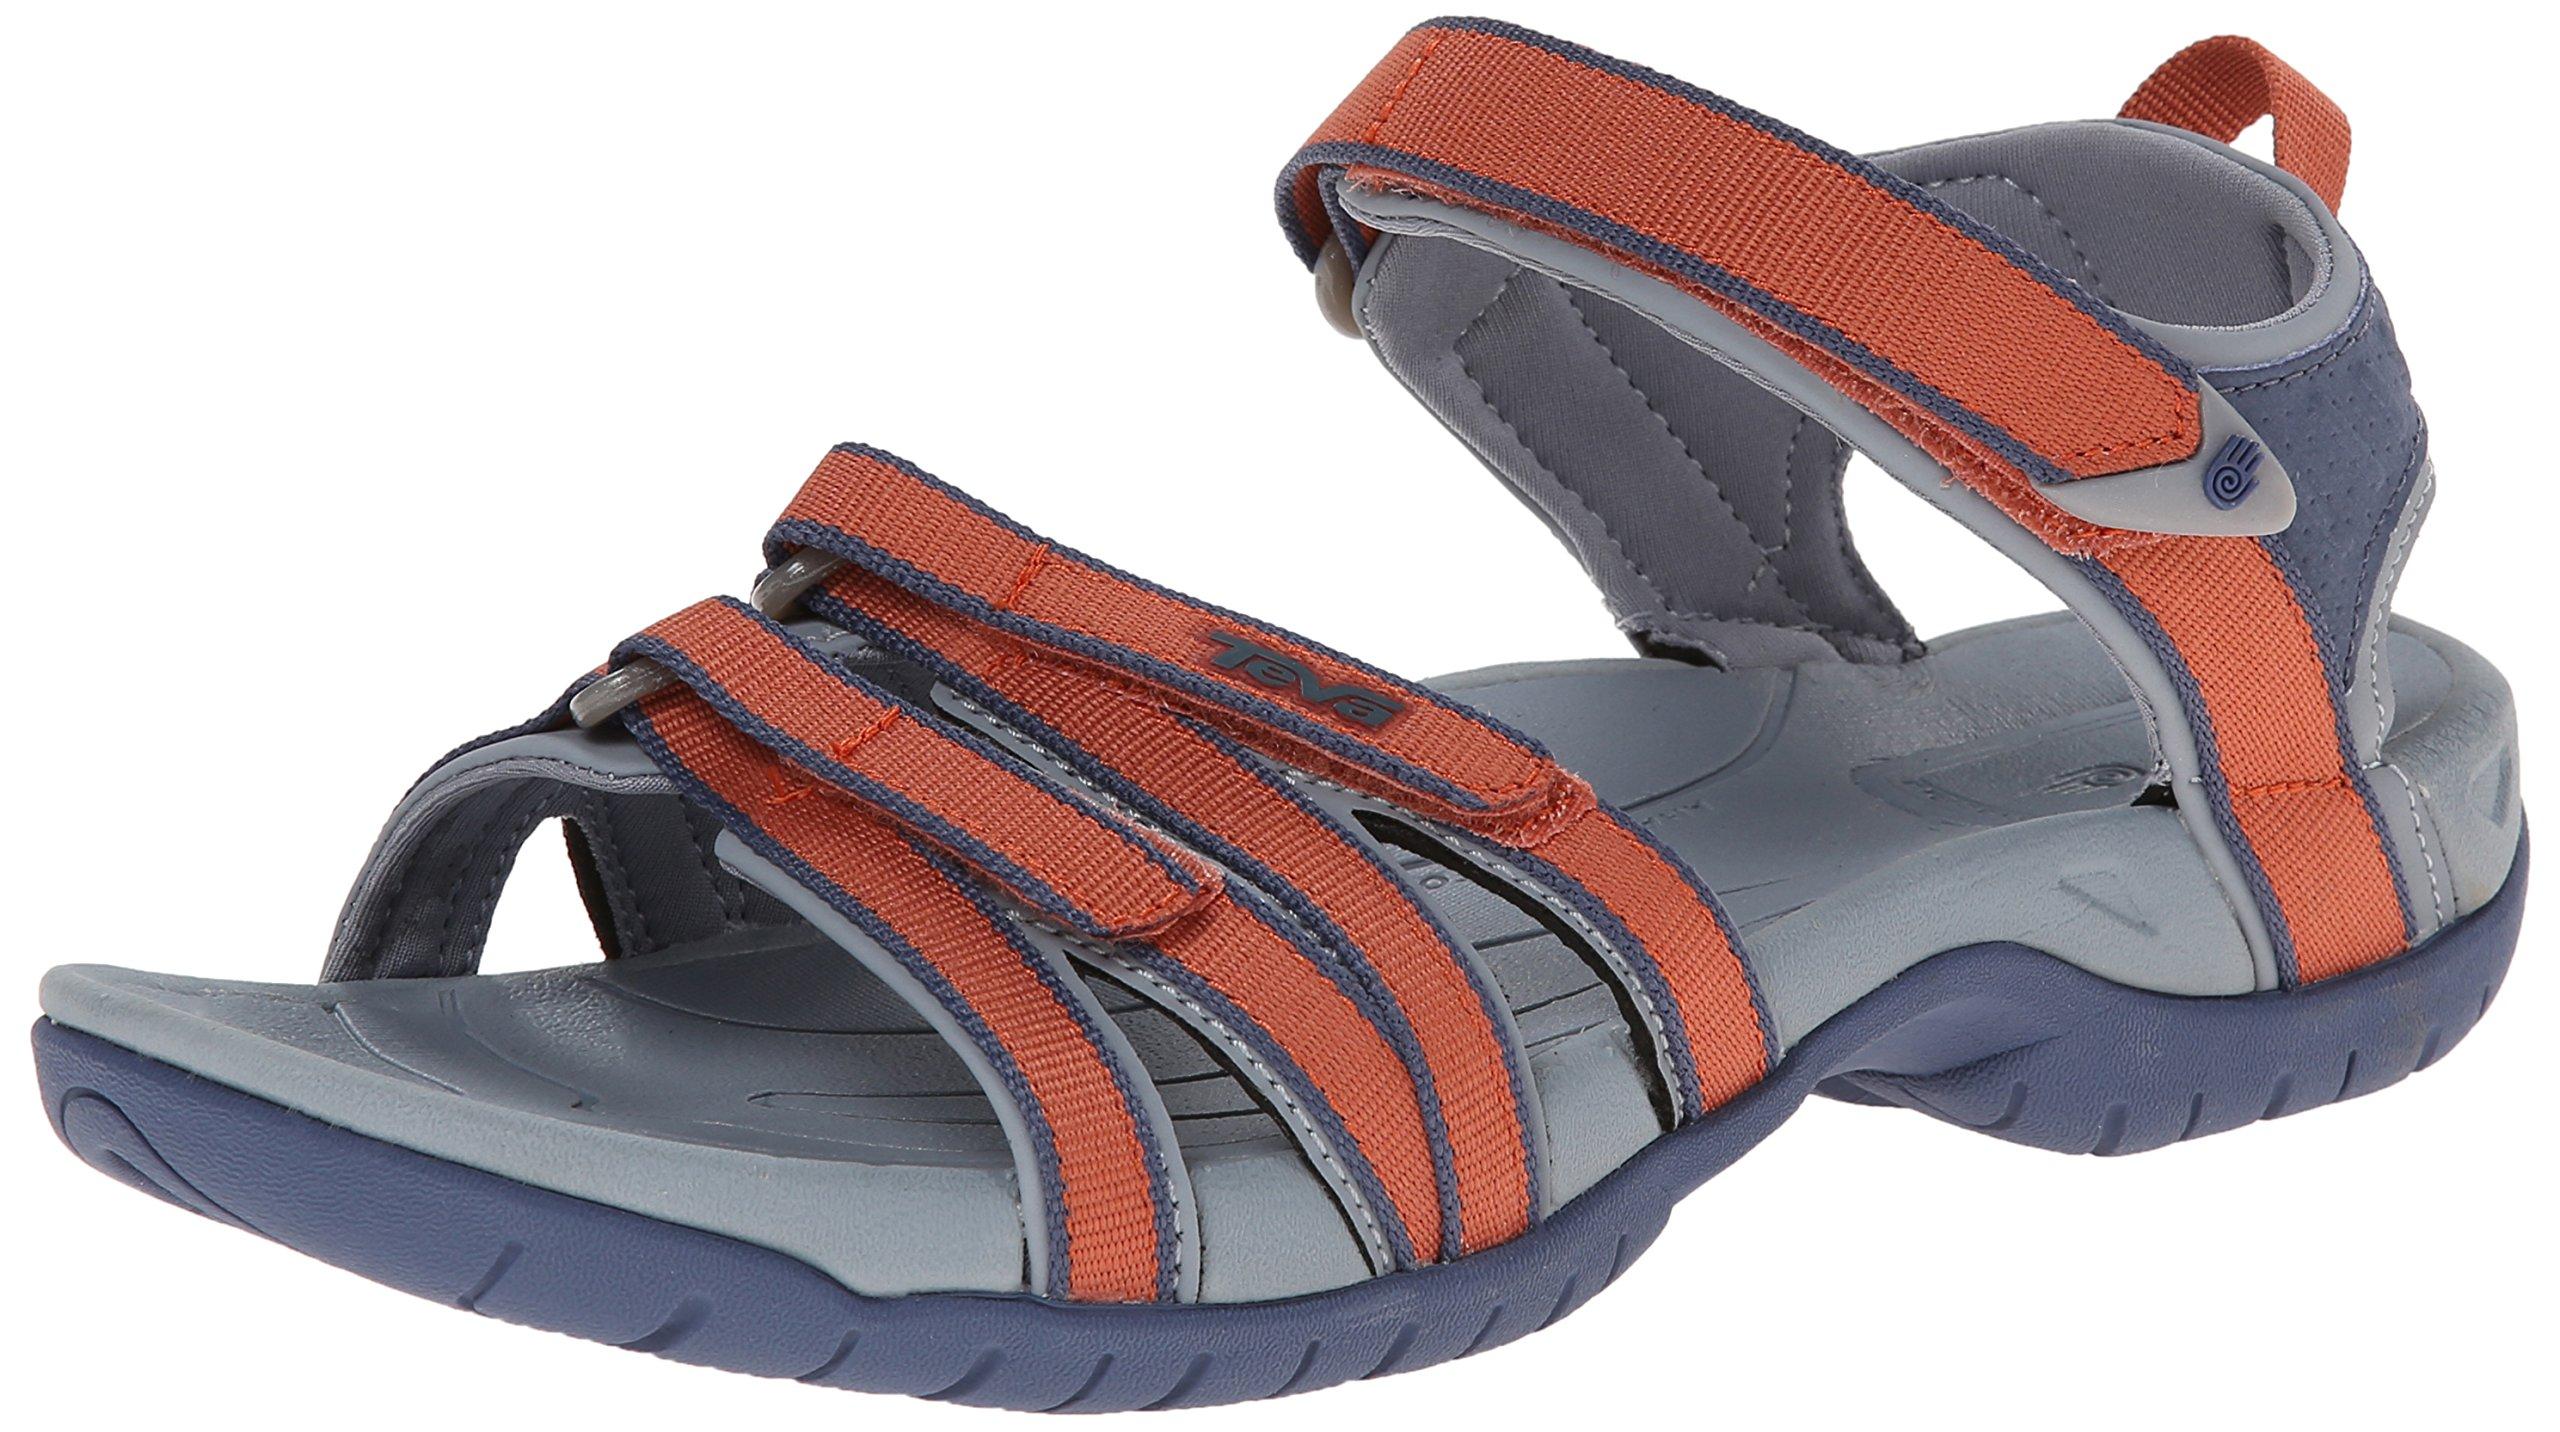 Teva Women's Tirra Sandal,Terra Cotta,5.5 M US